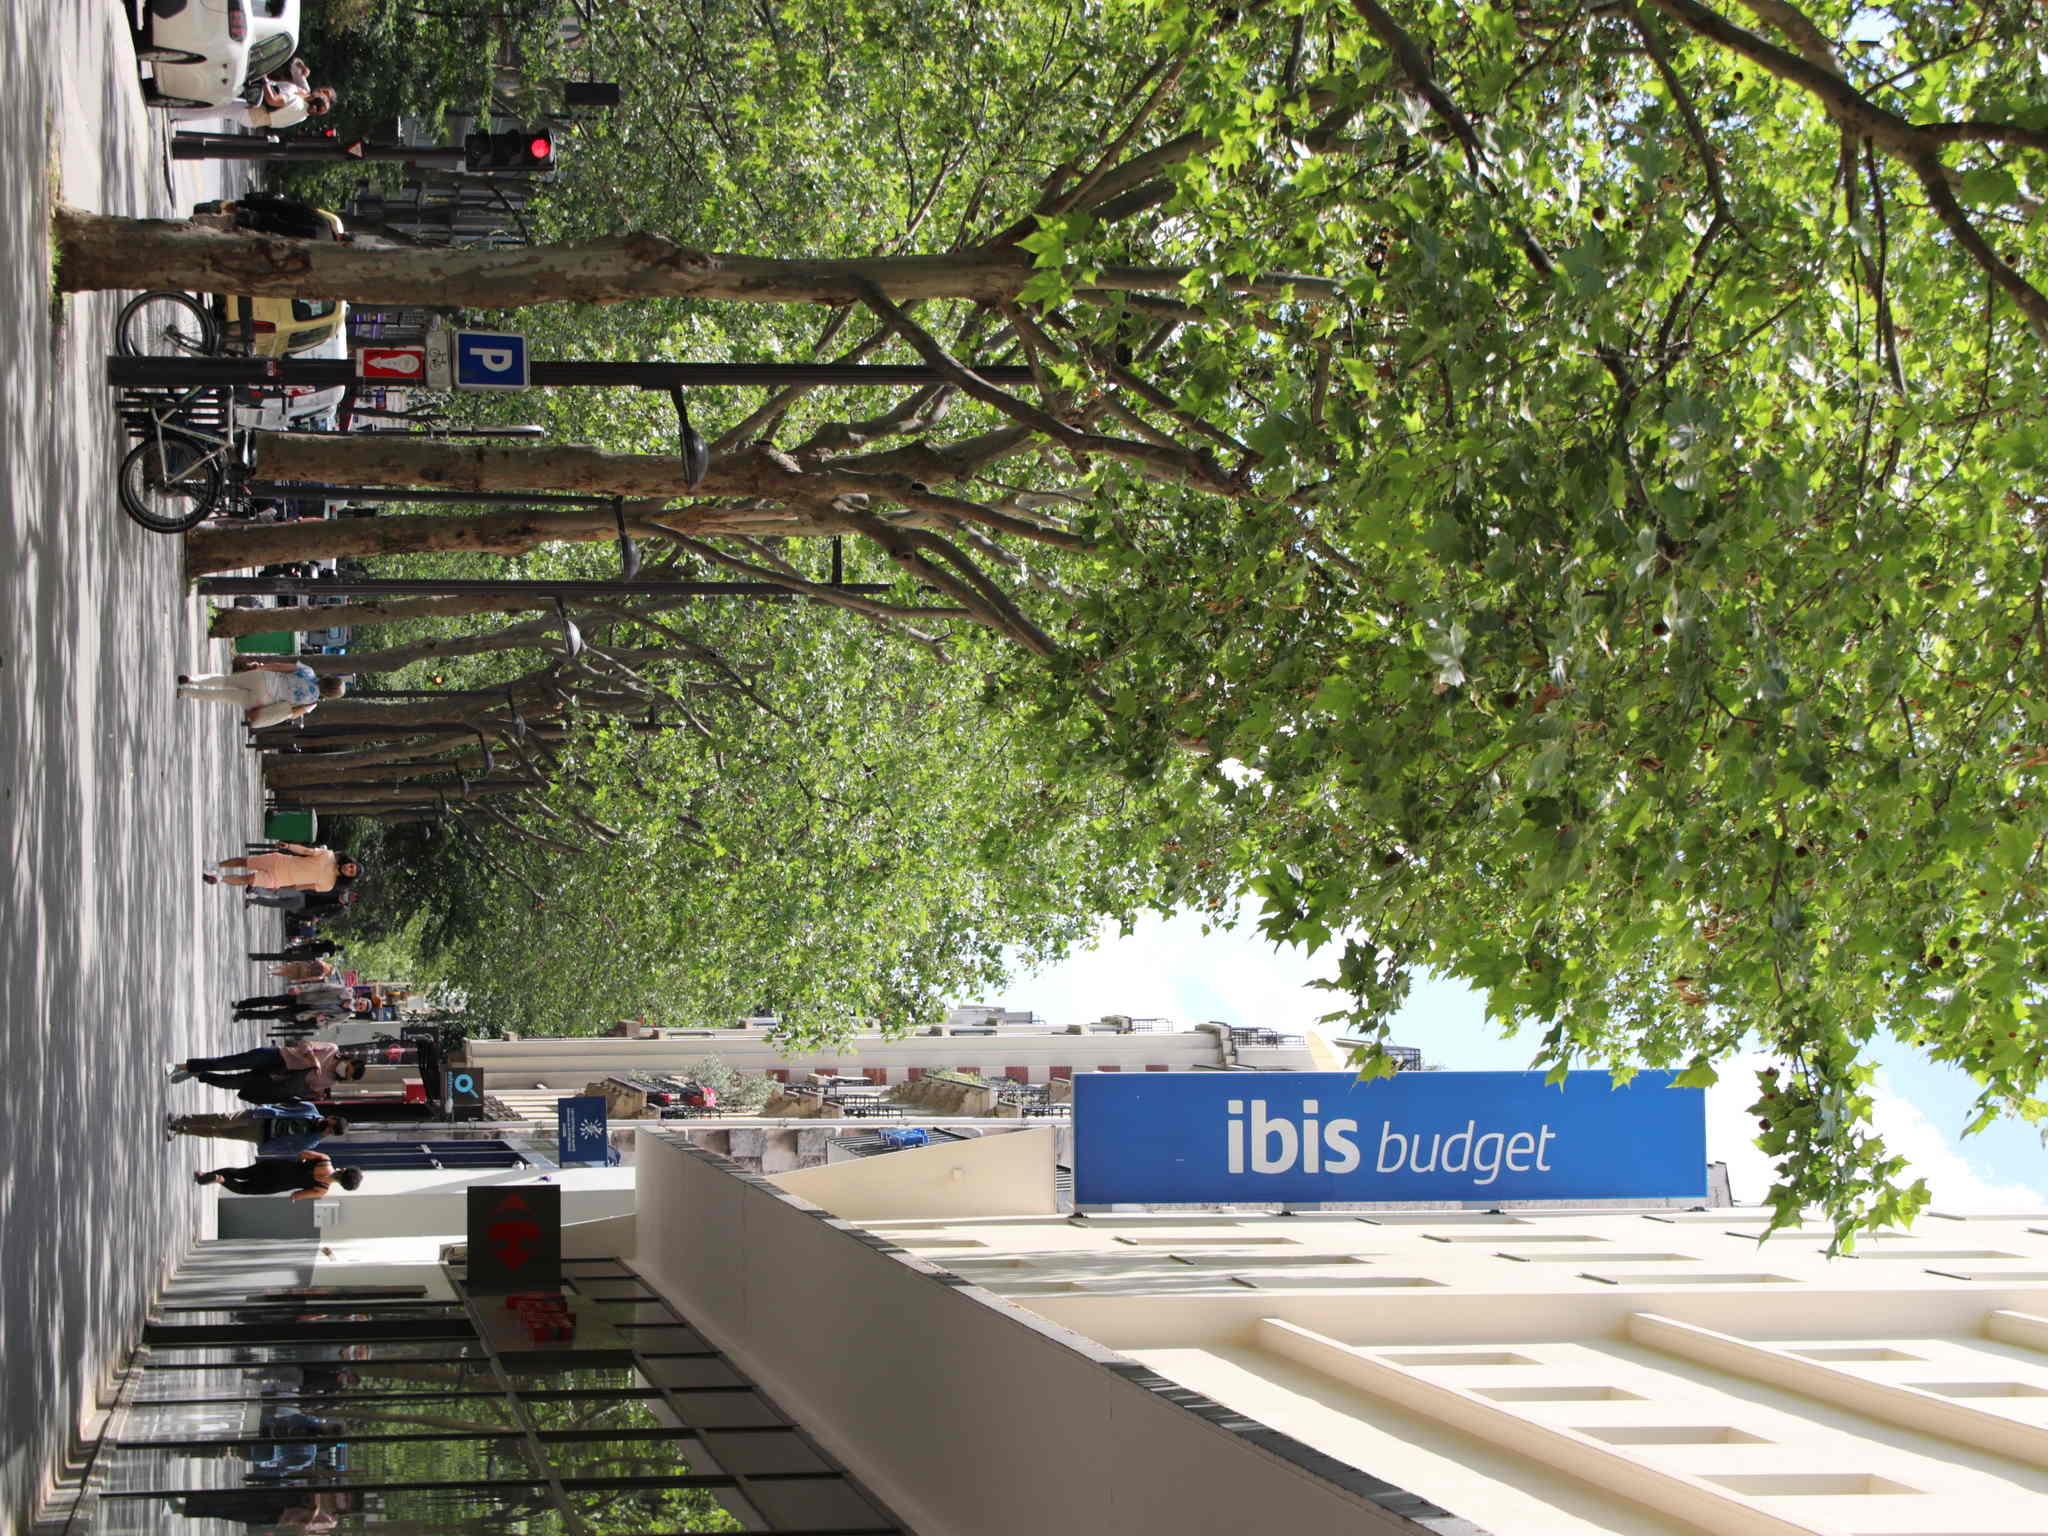 Hotel Ibis Budget Paris La Villette 19th